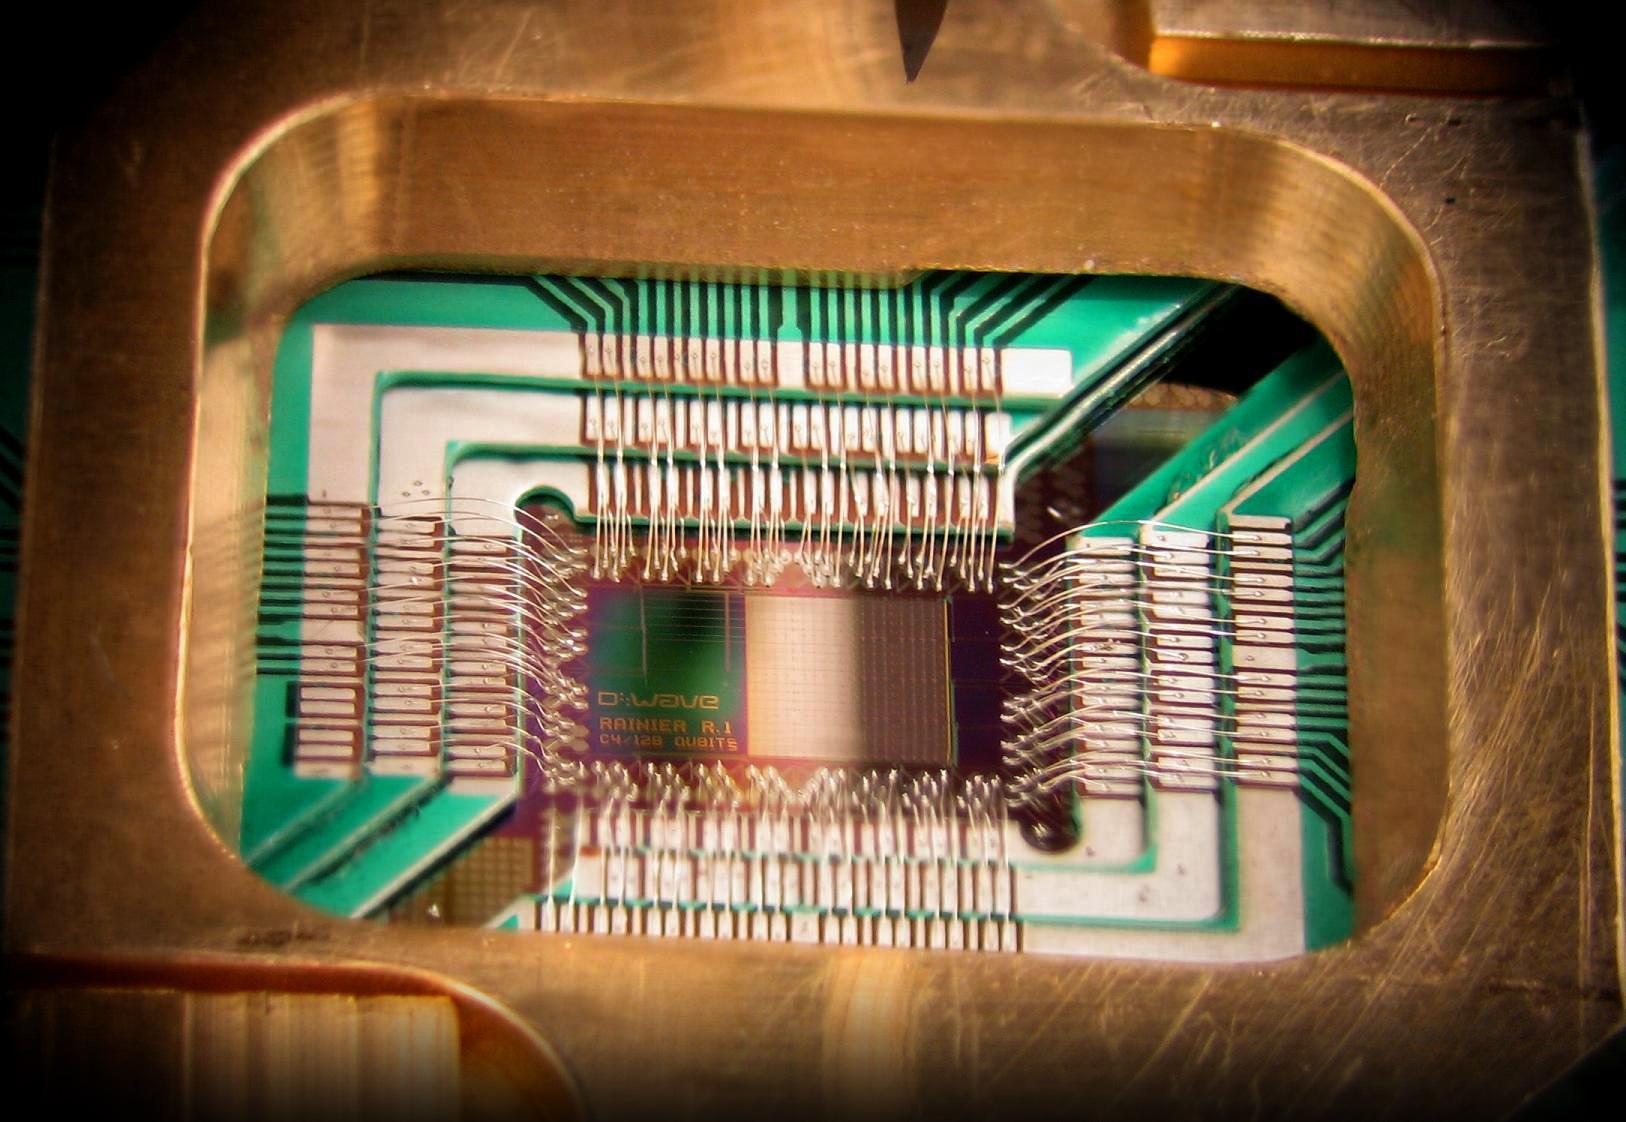 Un ordinateur quantique vendu pour 15 millions